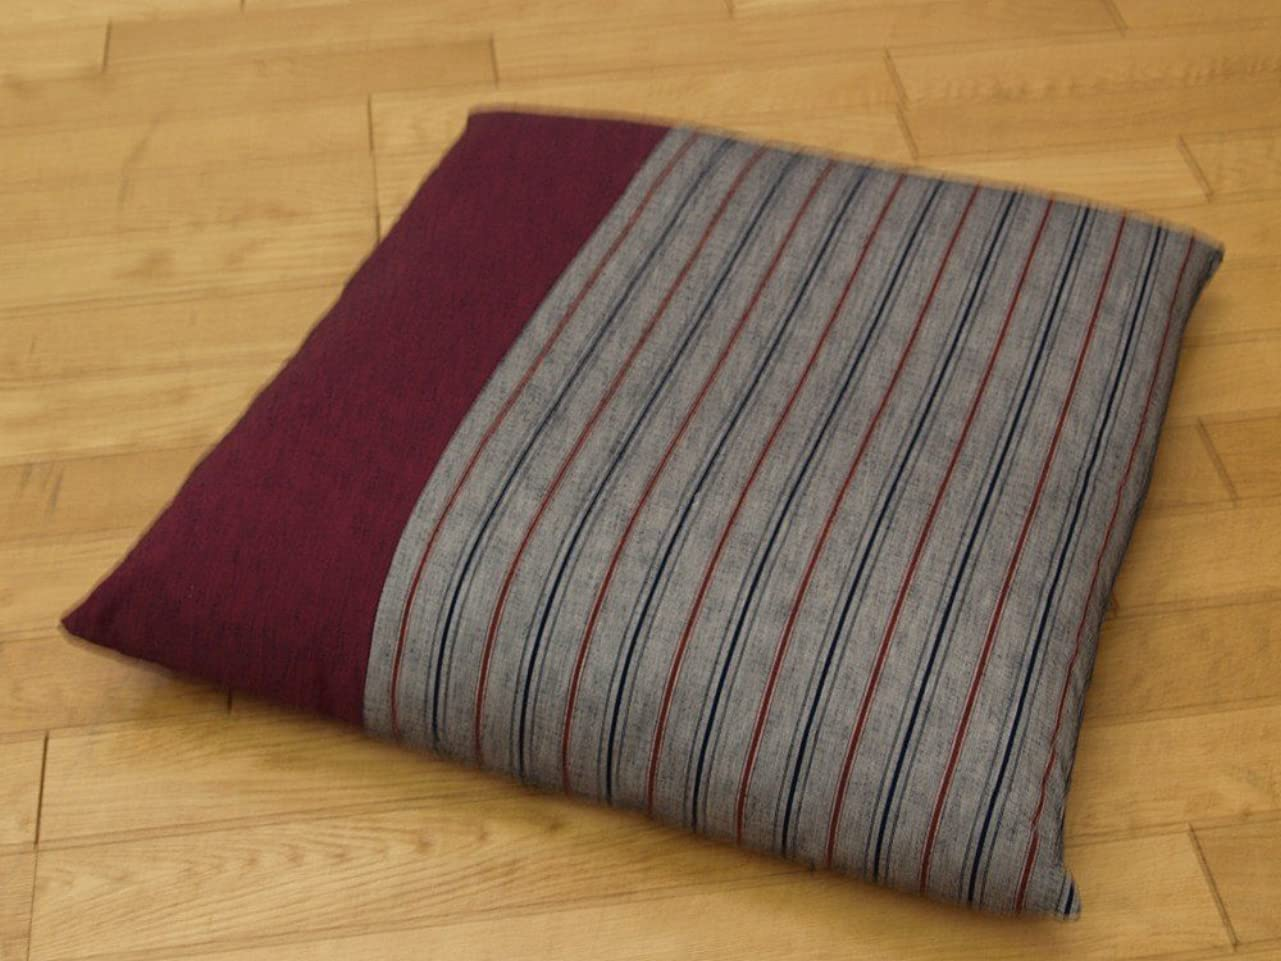 鳥無効にする大理石高級座布団 耐久性に優れた 人気商品 久留米織り 座布団 『筑後(ちくご)』 エンジ 55×59cm